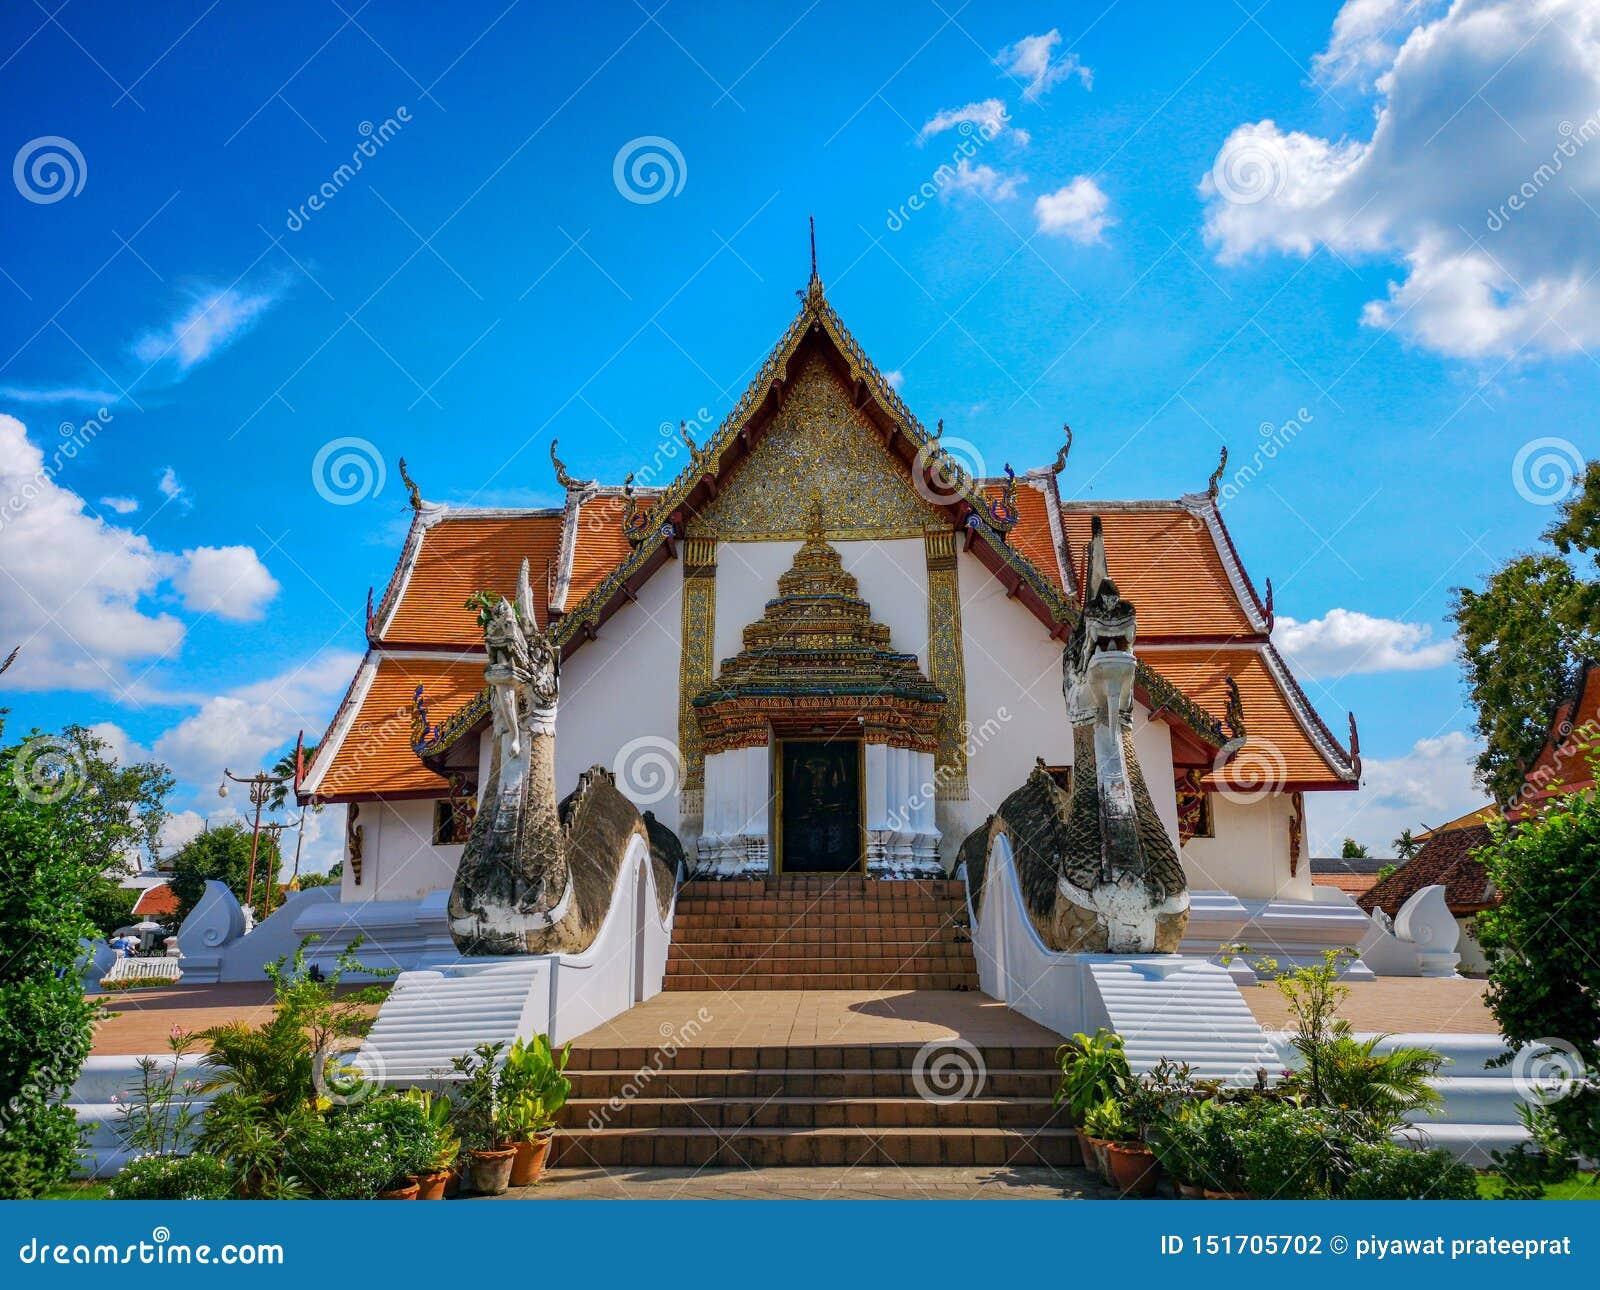 temple the tales of pu man ya man